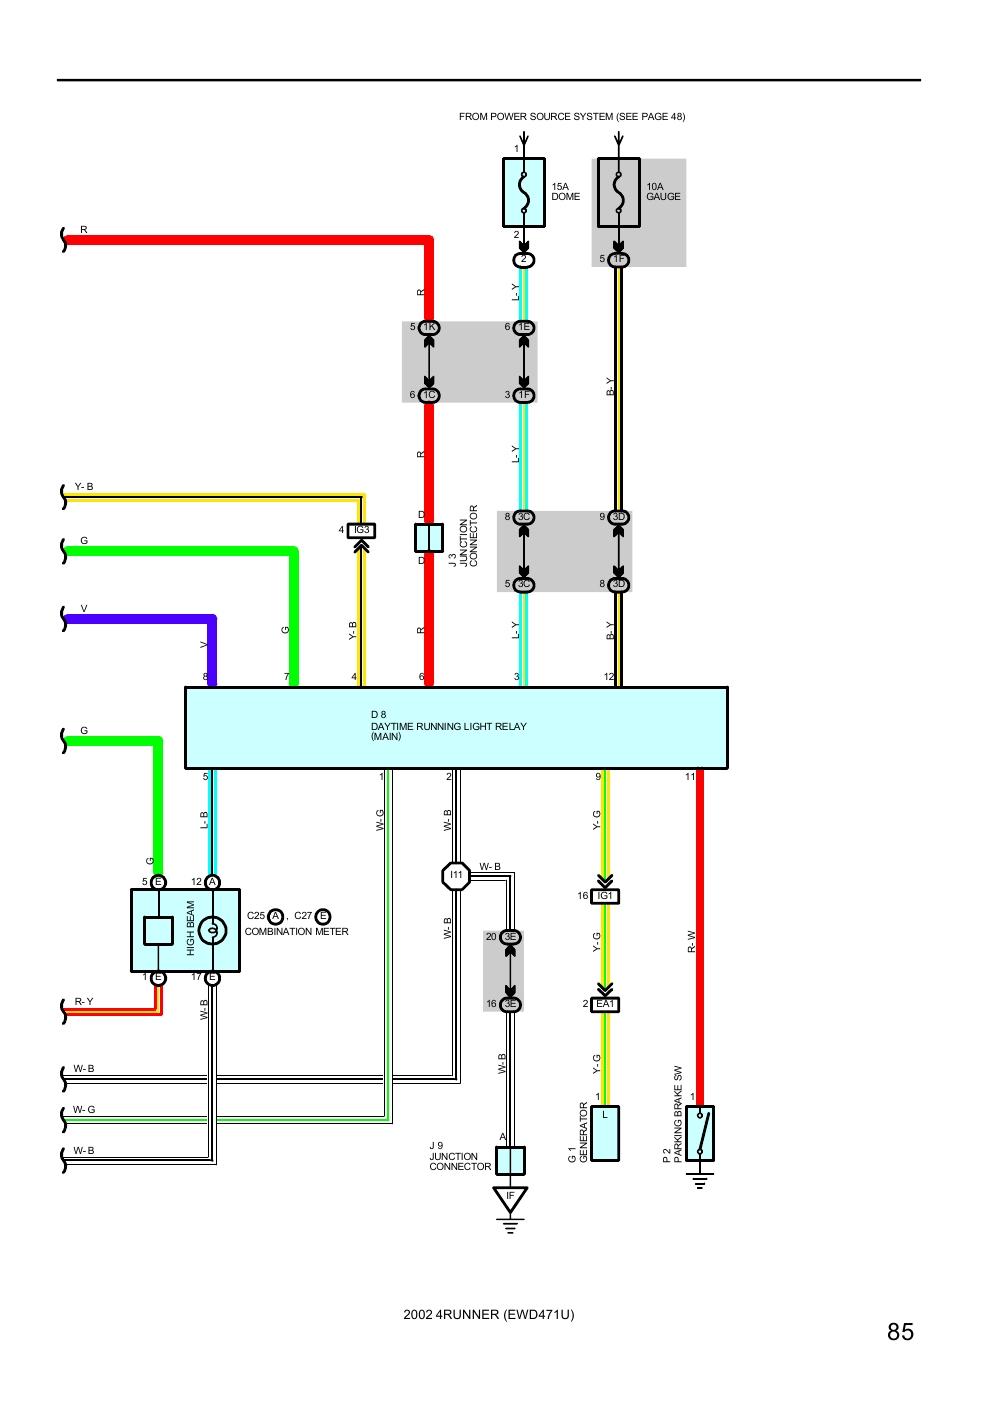 medium resolution of toyota headlight wiring simple wiring schema toyota rav4 headlight wiring diagram toyota headlight wiring diagram